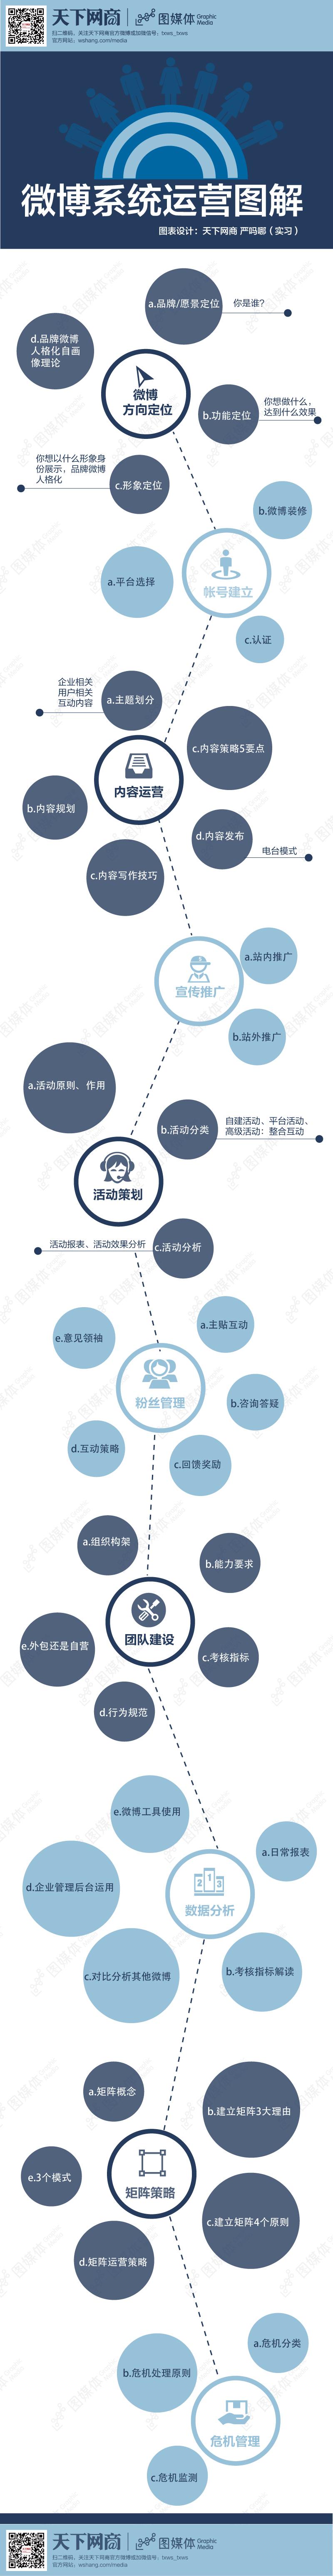 微博系统运营图解(图)